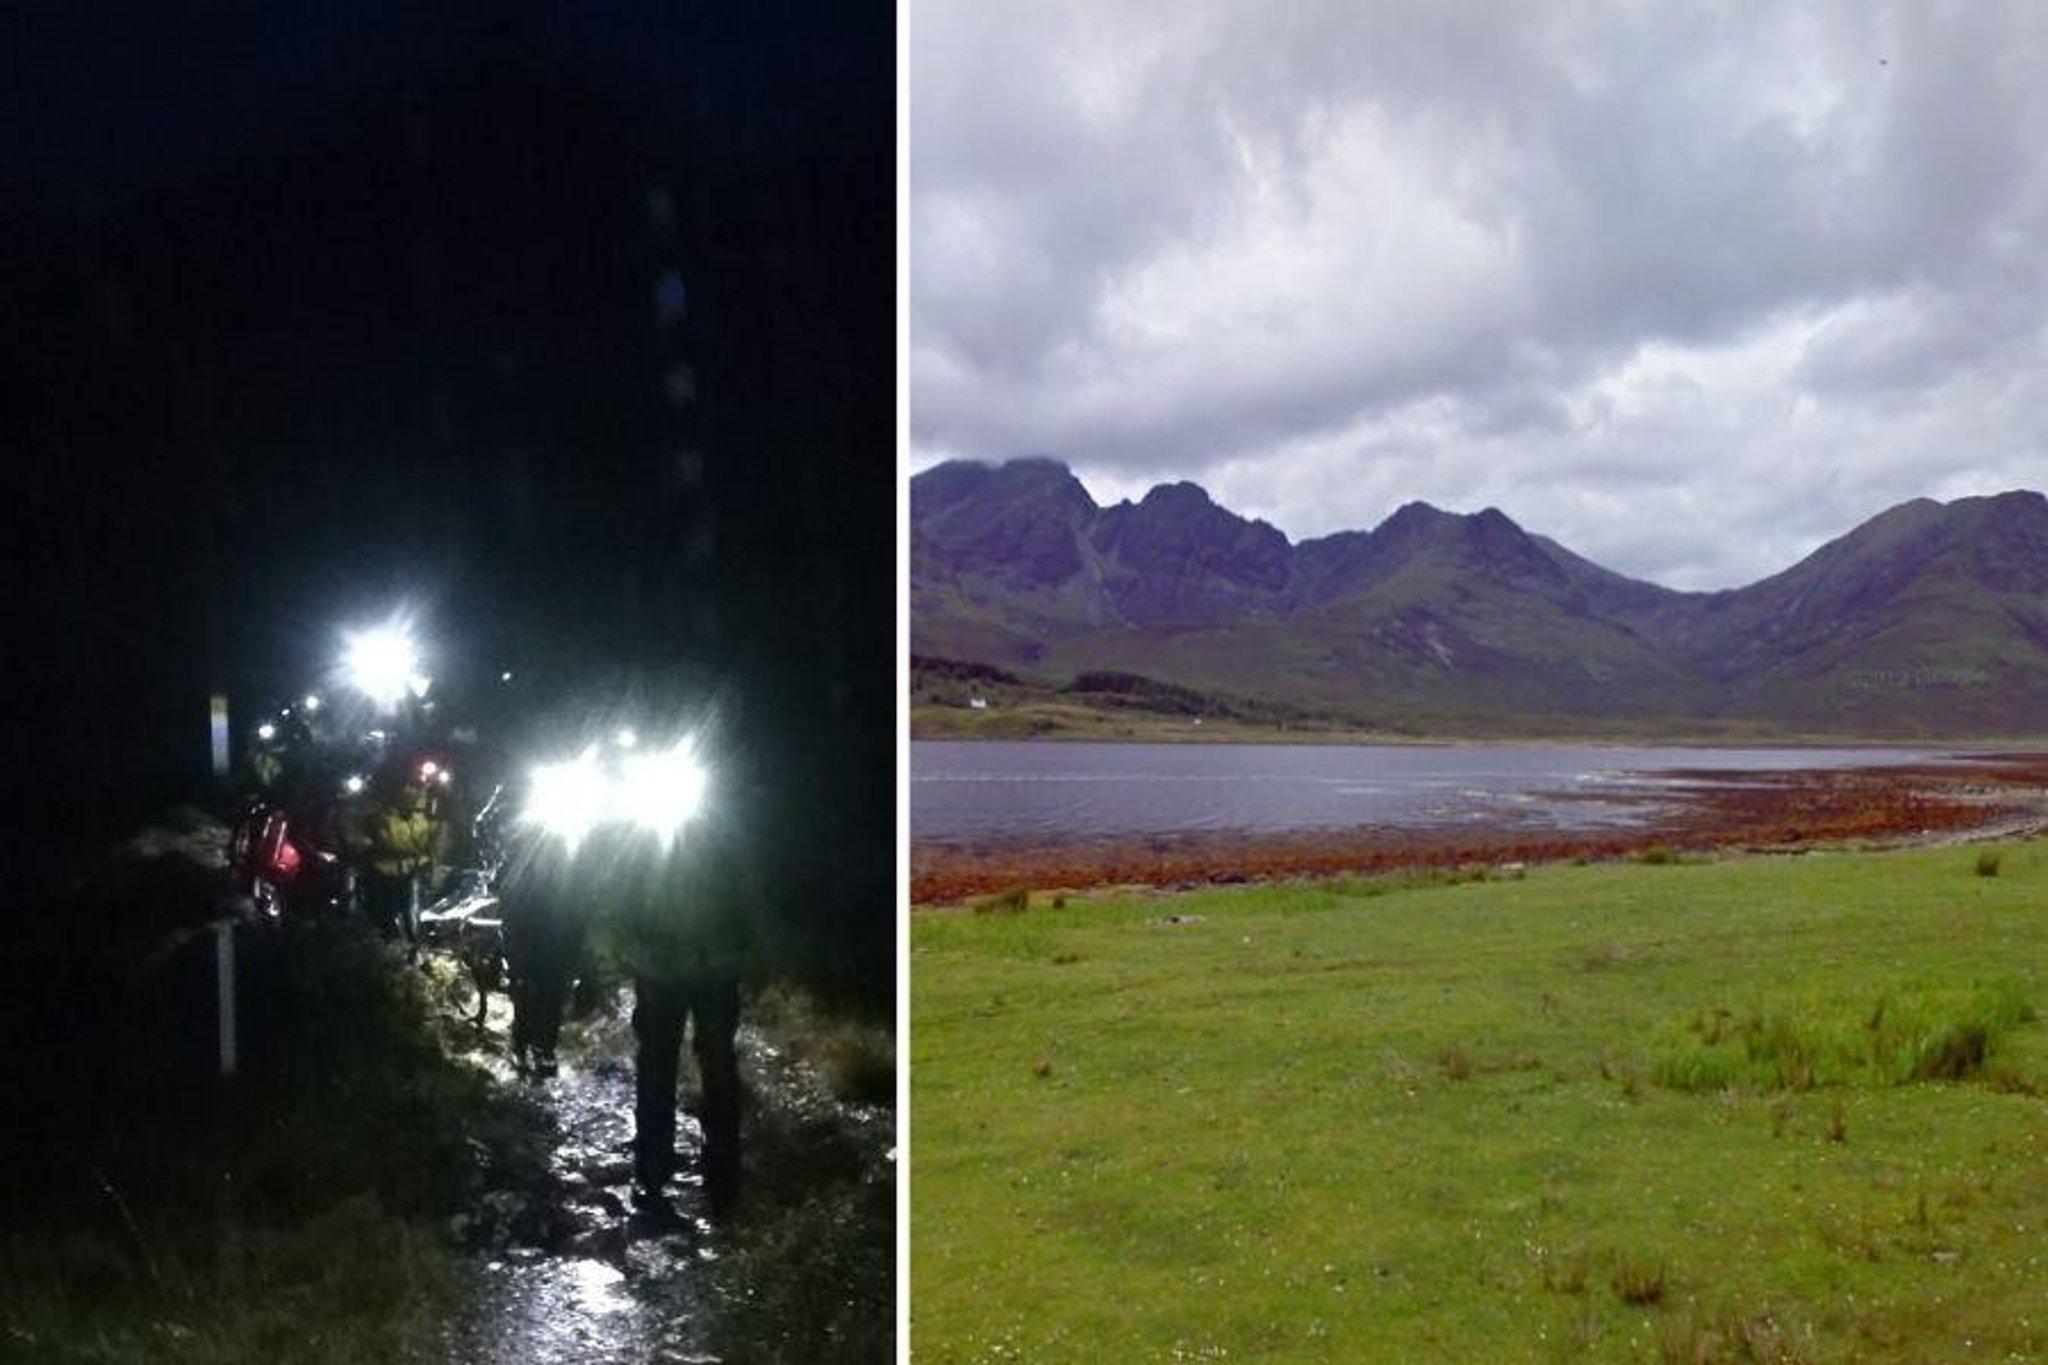 Pendaki bukit ditemukan tewas setelah jatuh dari puncak gunung di Skye